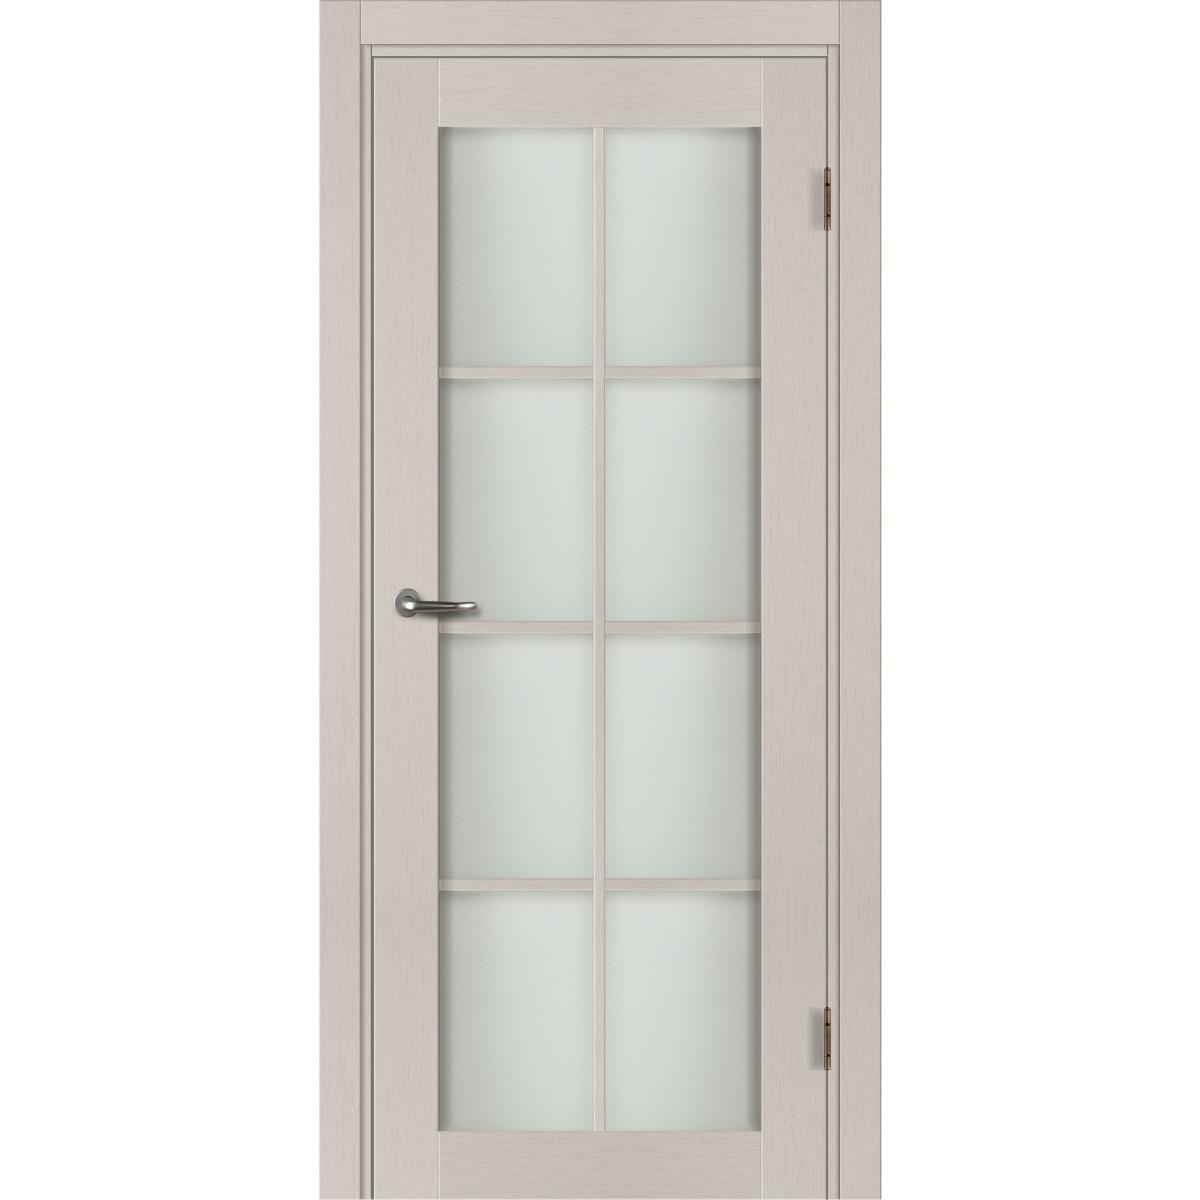 Дверь Межкомнатная Остеклённая С Фурнитурой Пьемонт 70Х200 Hardflex Цвет Платина Светлая